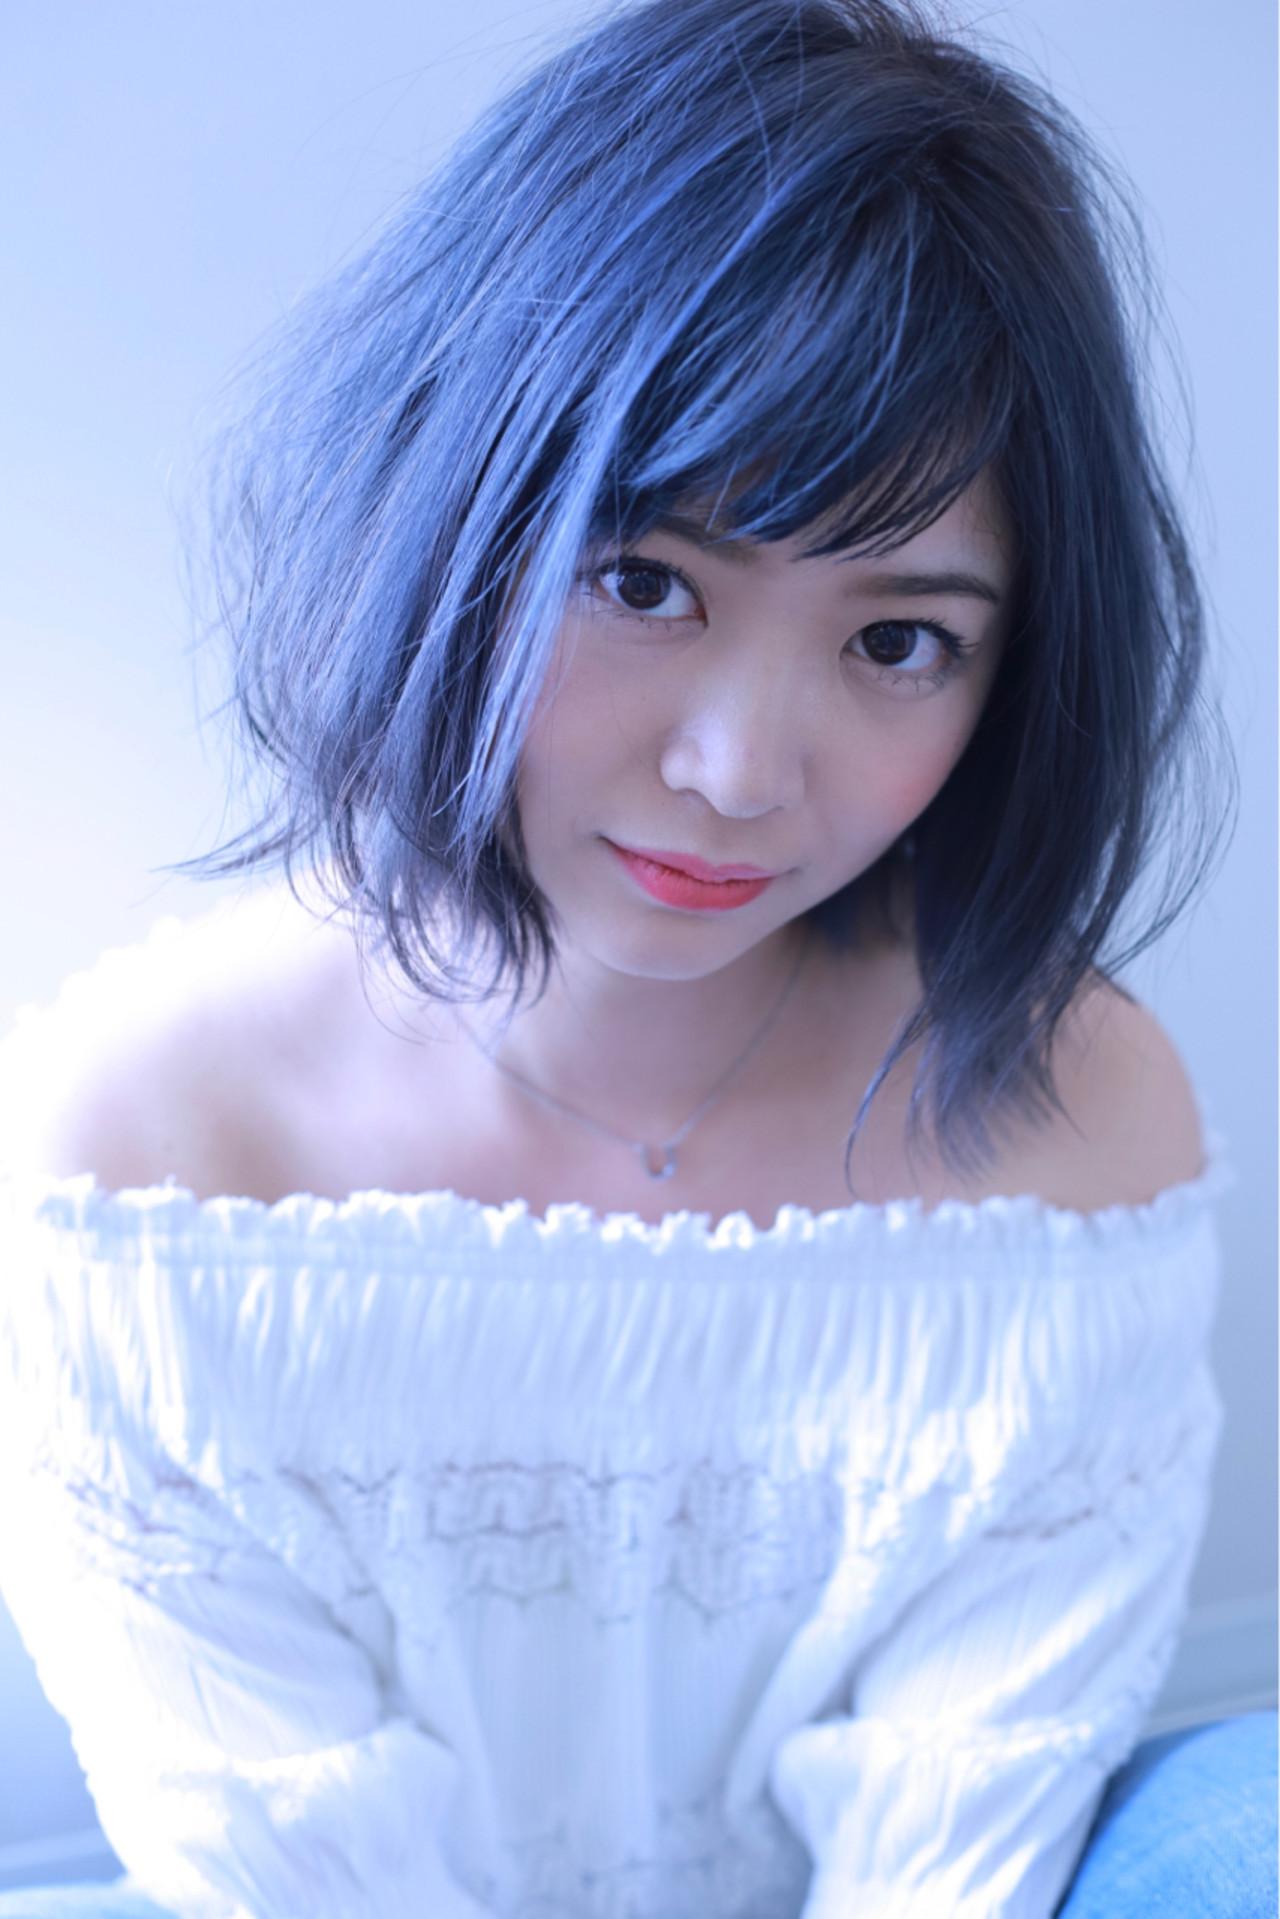 暗めブルーアッシュ+ハイライトで立体感UP! 伊藤 裕貴 | e-style上小田井店